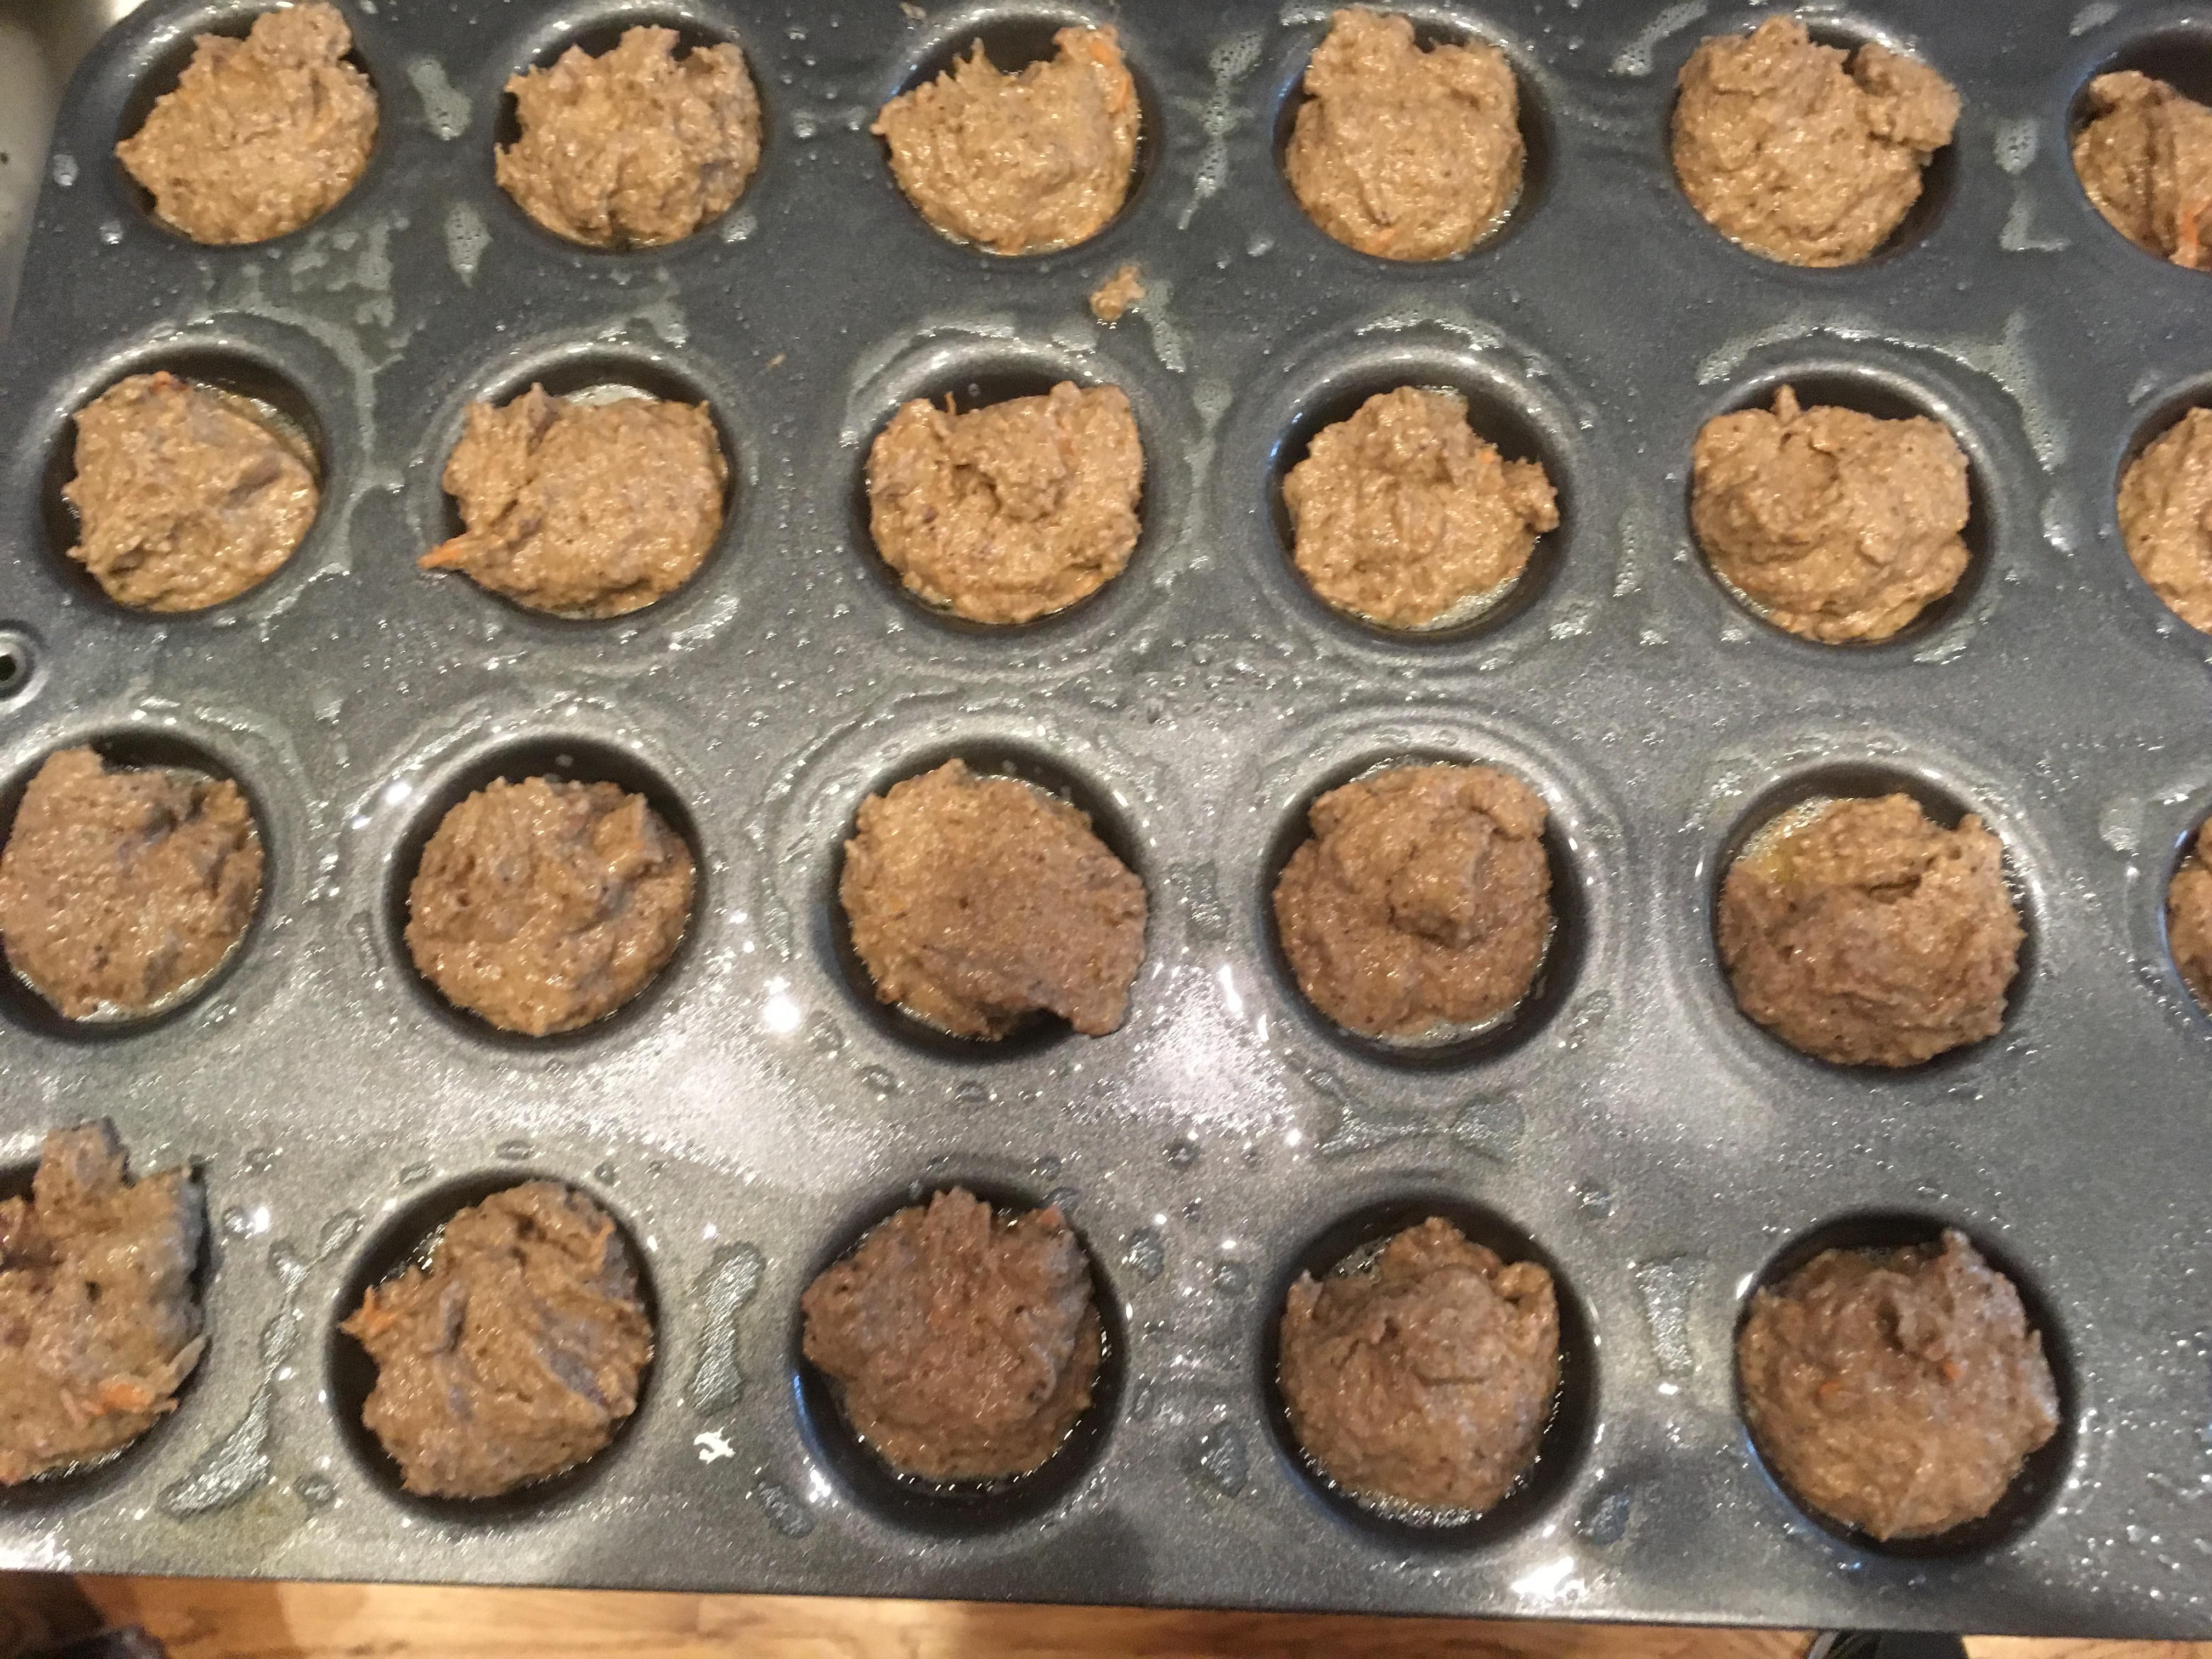 Banana pup muffins